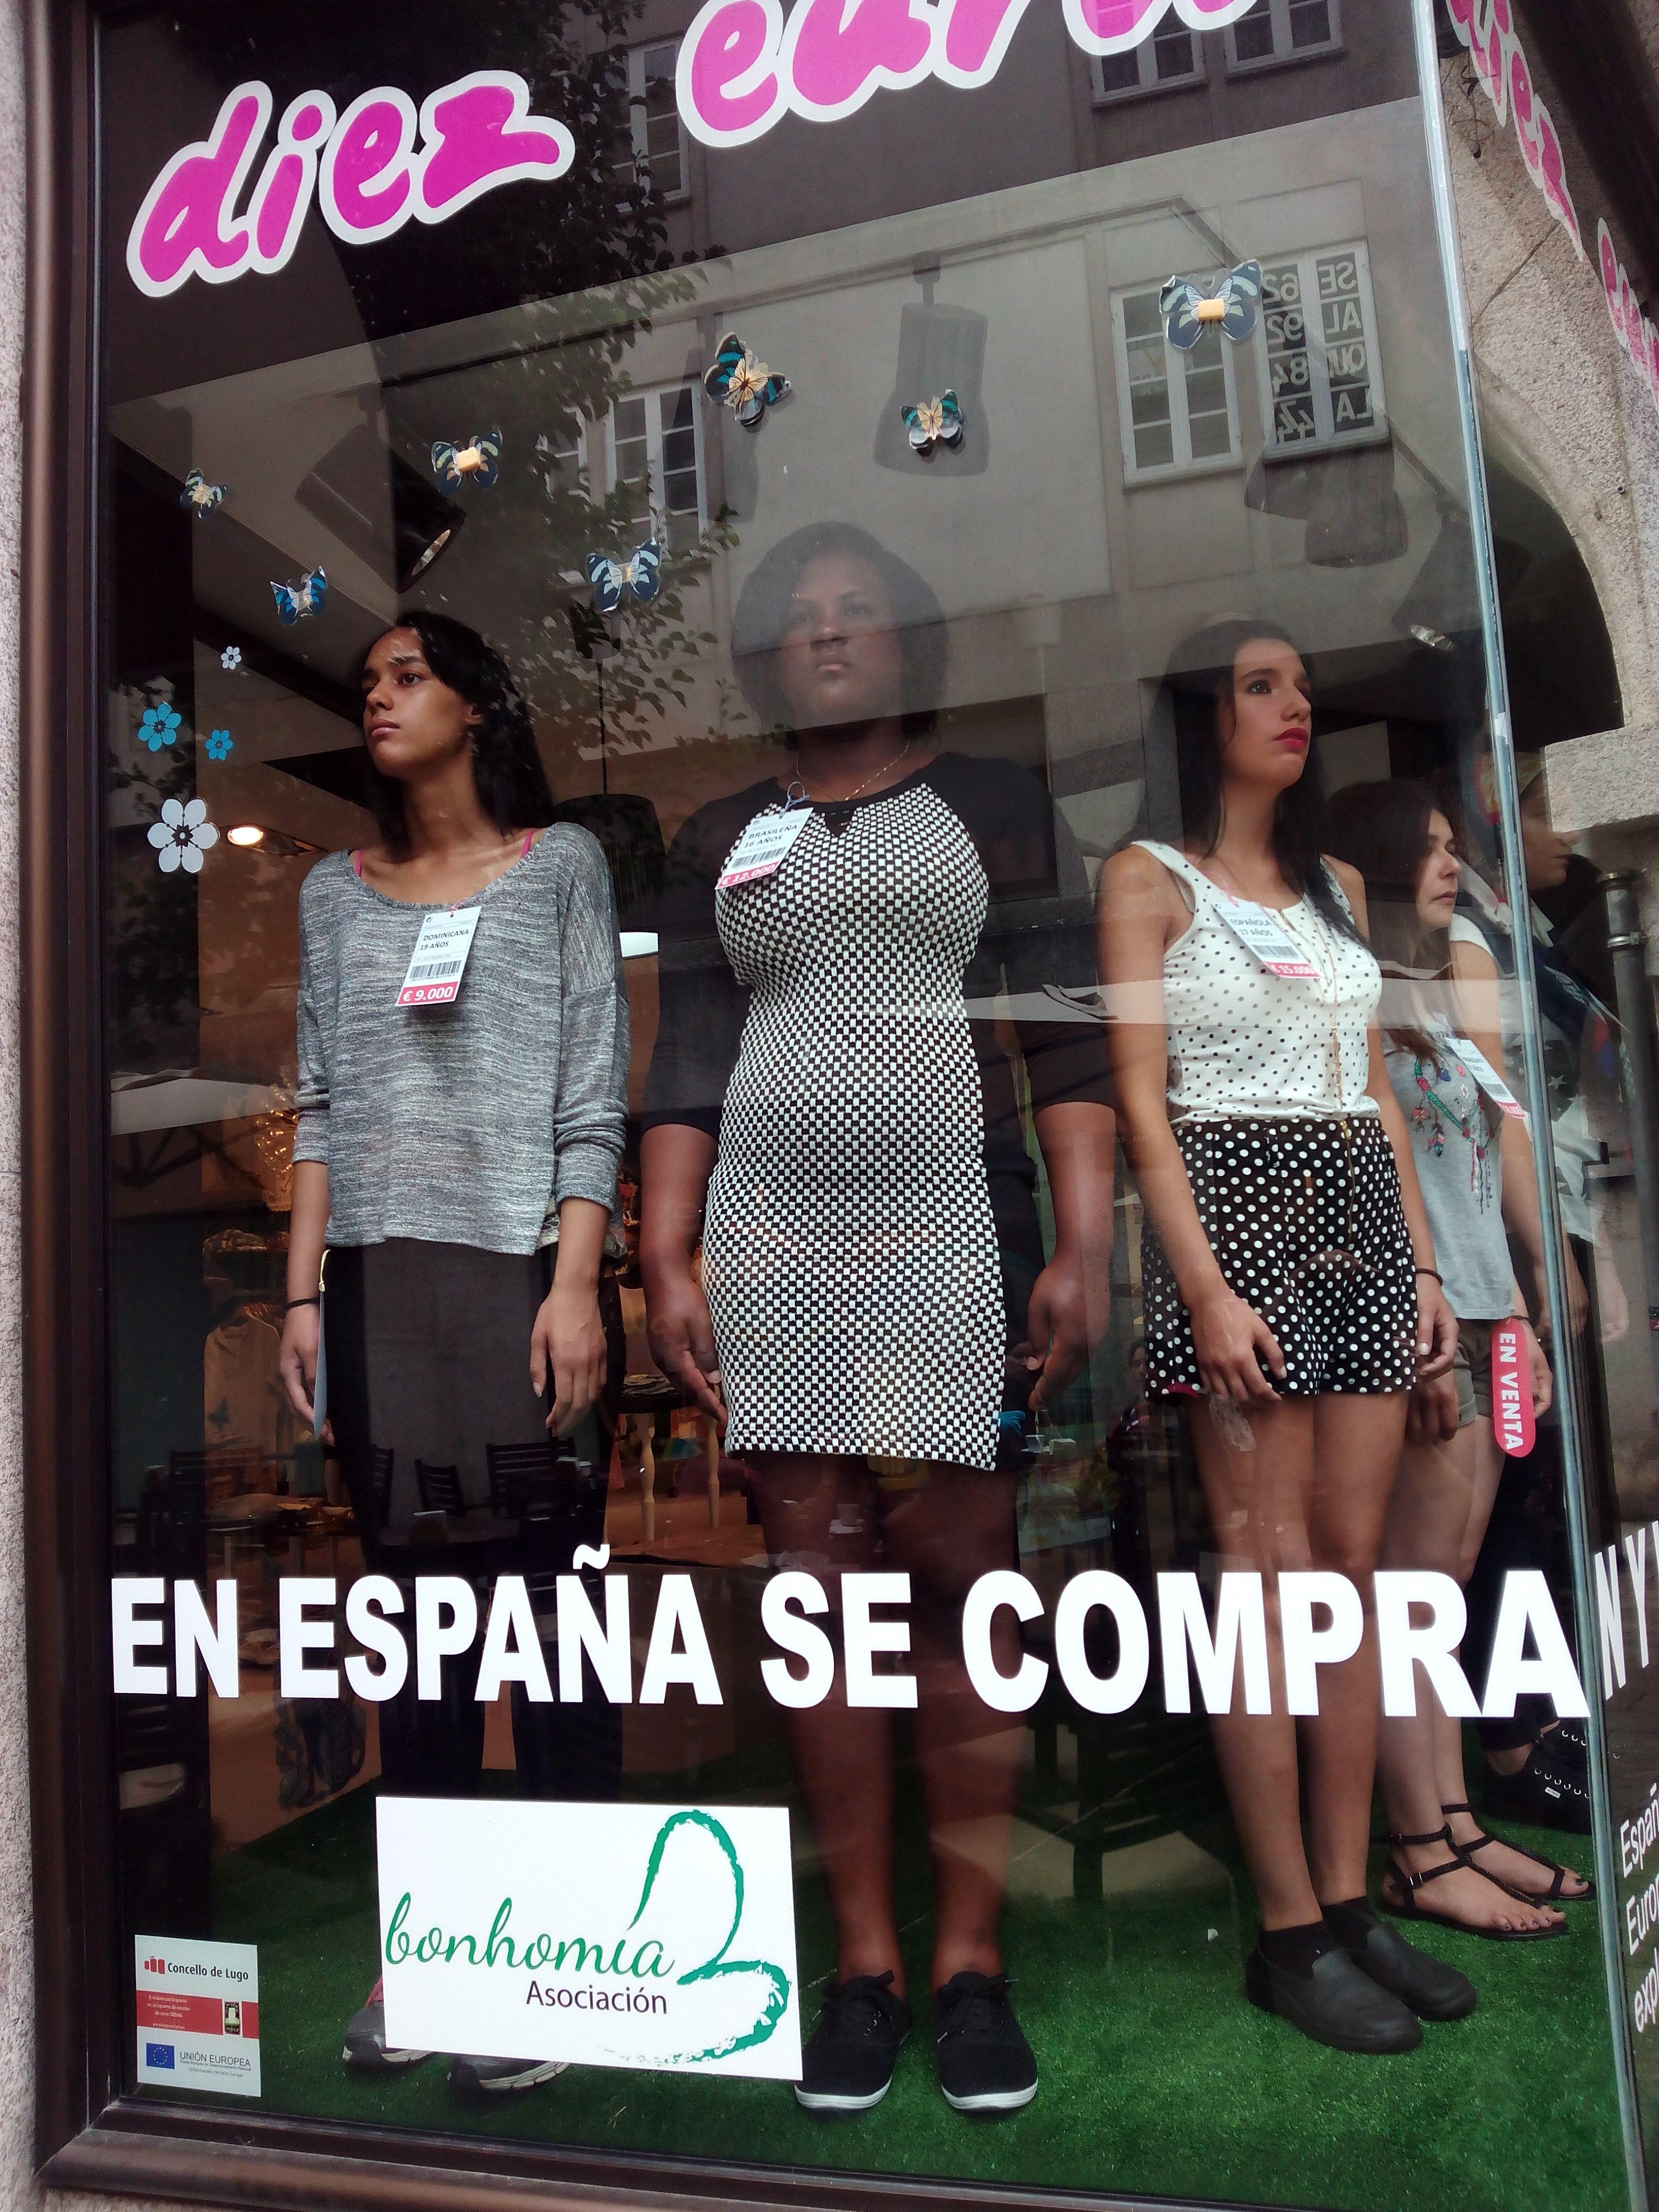 Negocio DEShumano Lugo